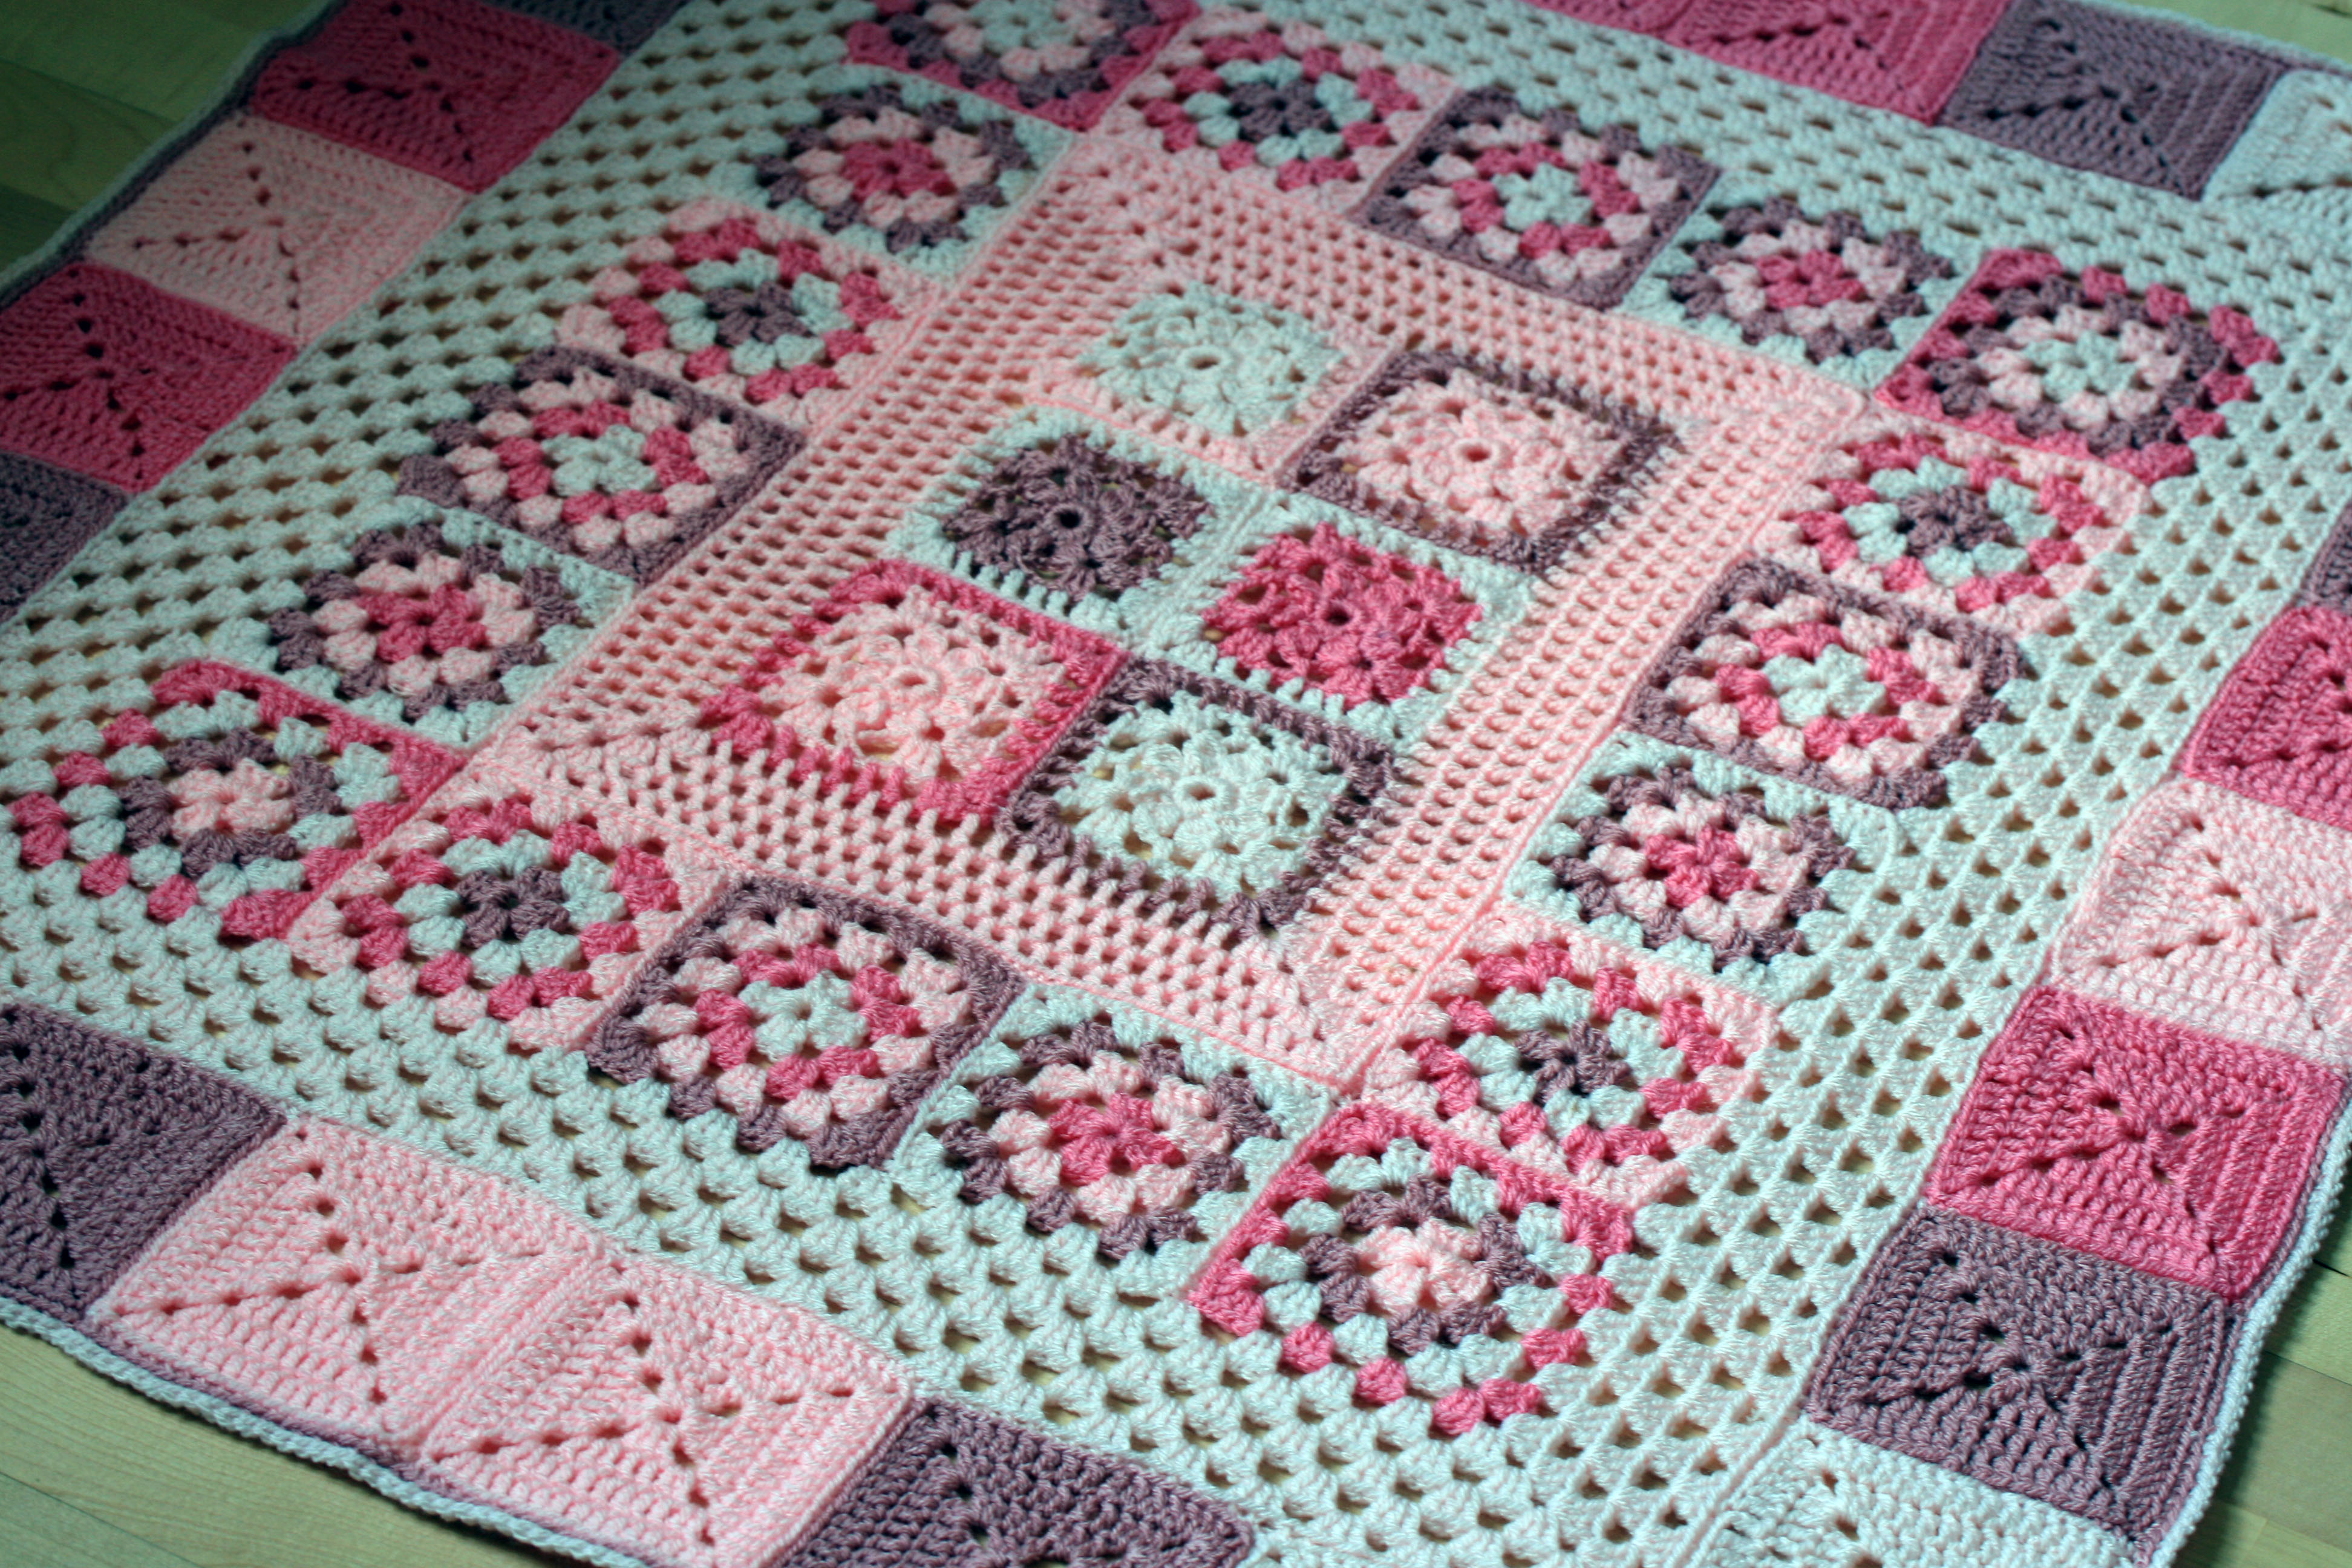 Crochet Blanket : Crochet Baby Blanket Pretty In Pink